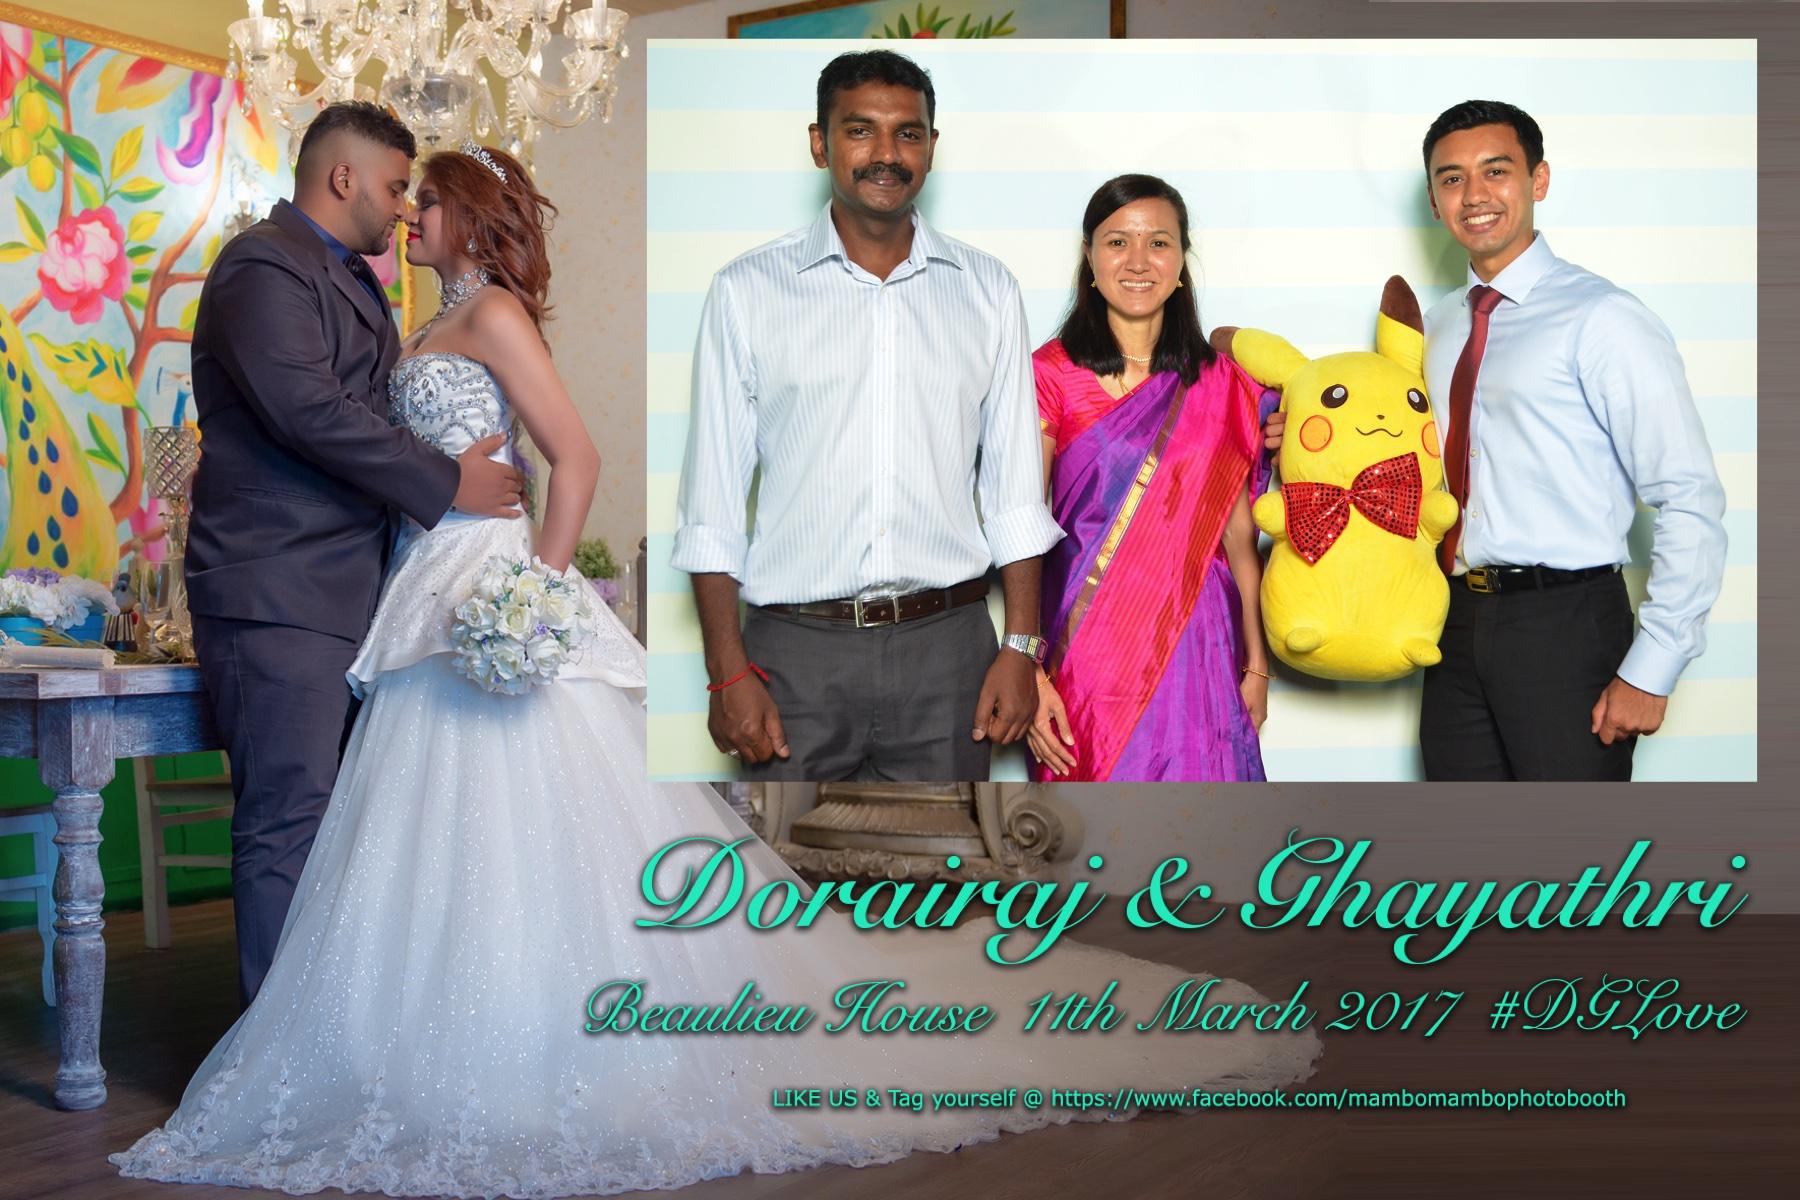 Dorairaj & Ghayathri